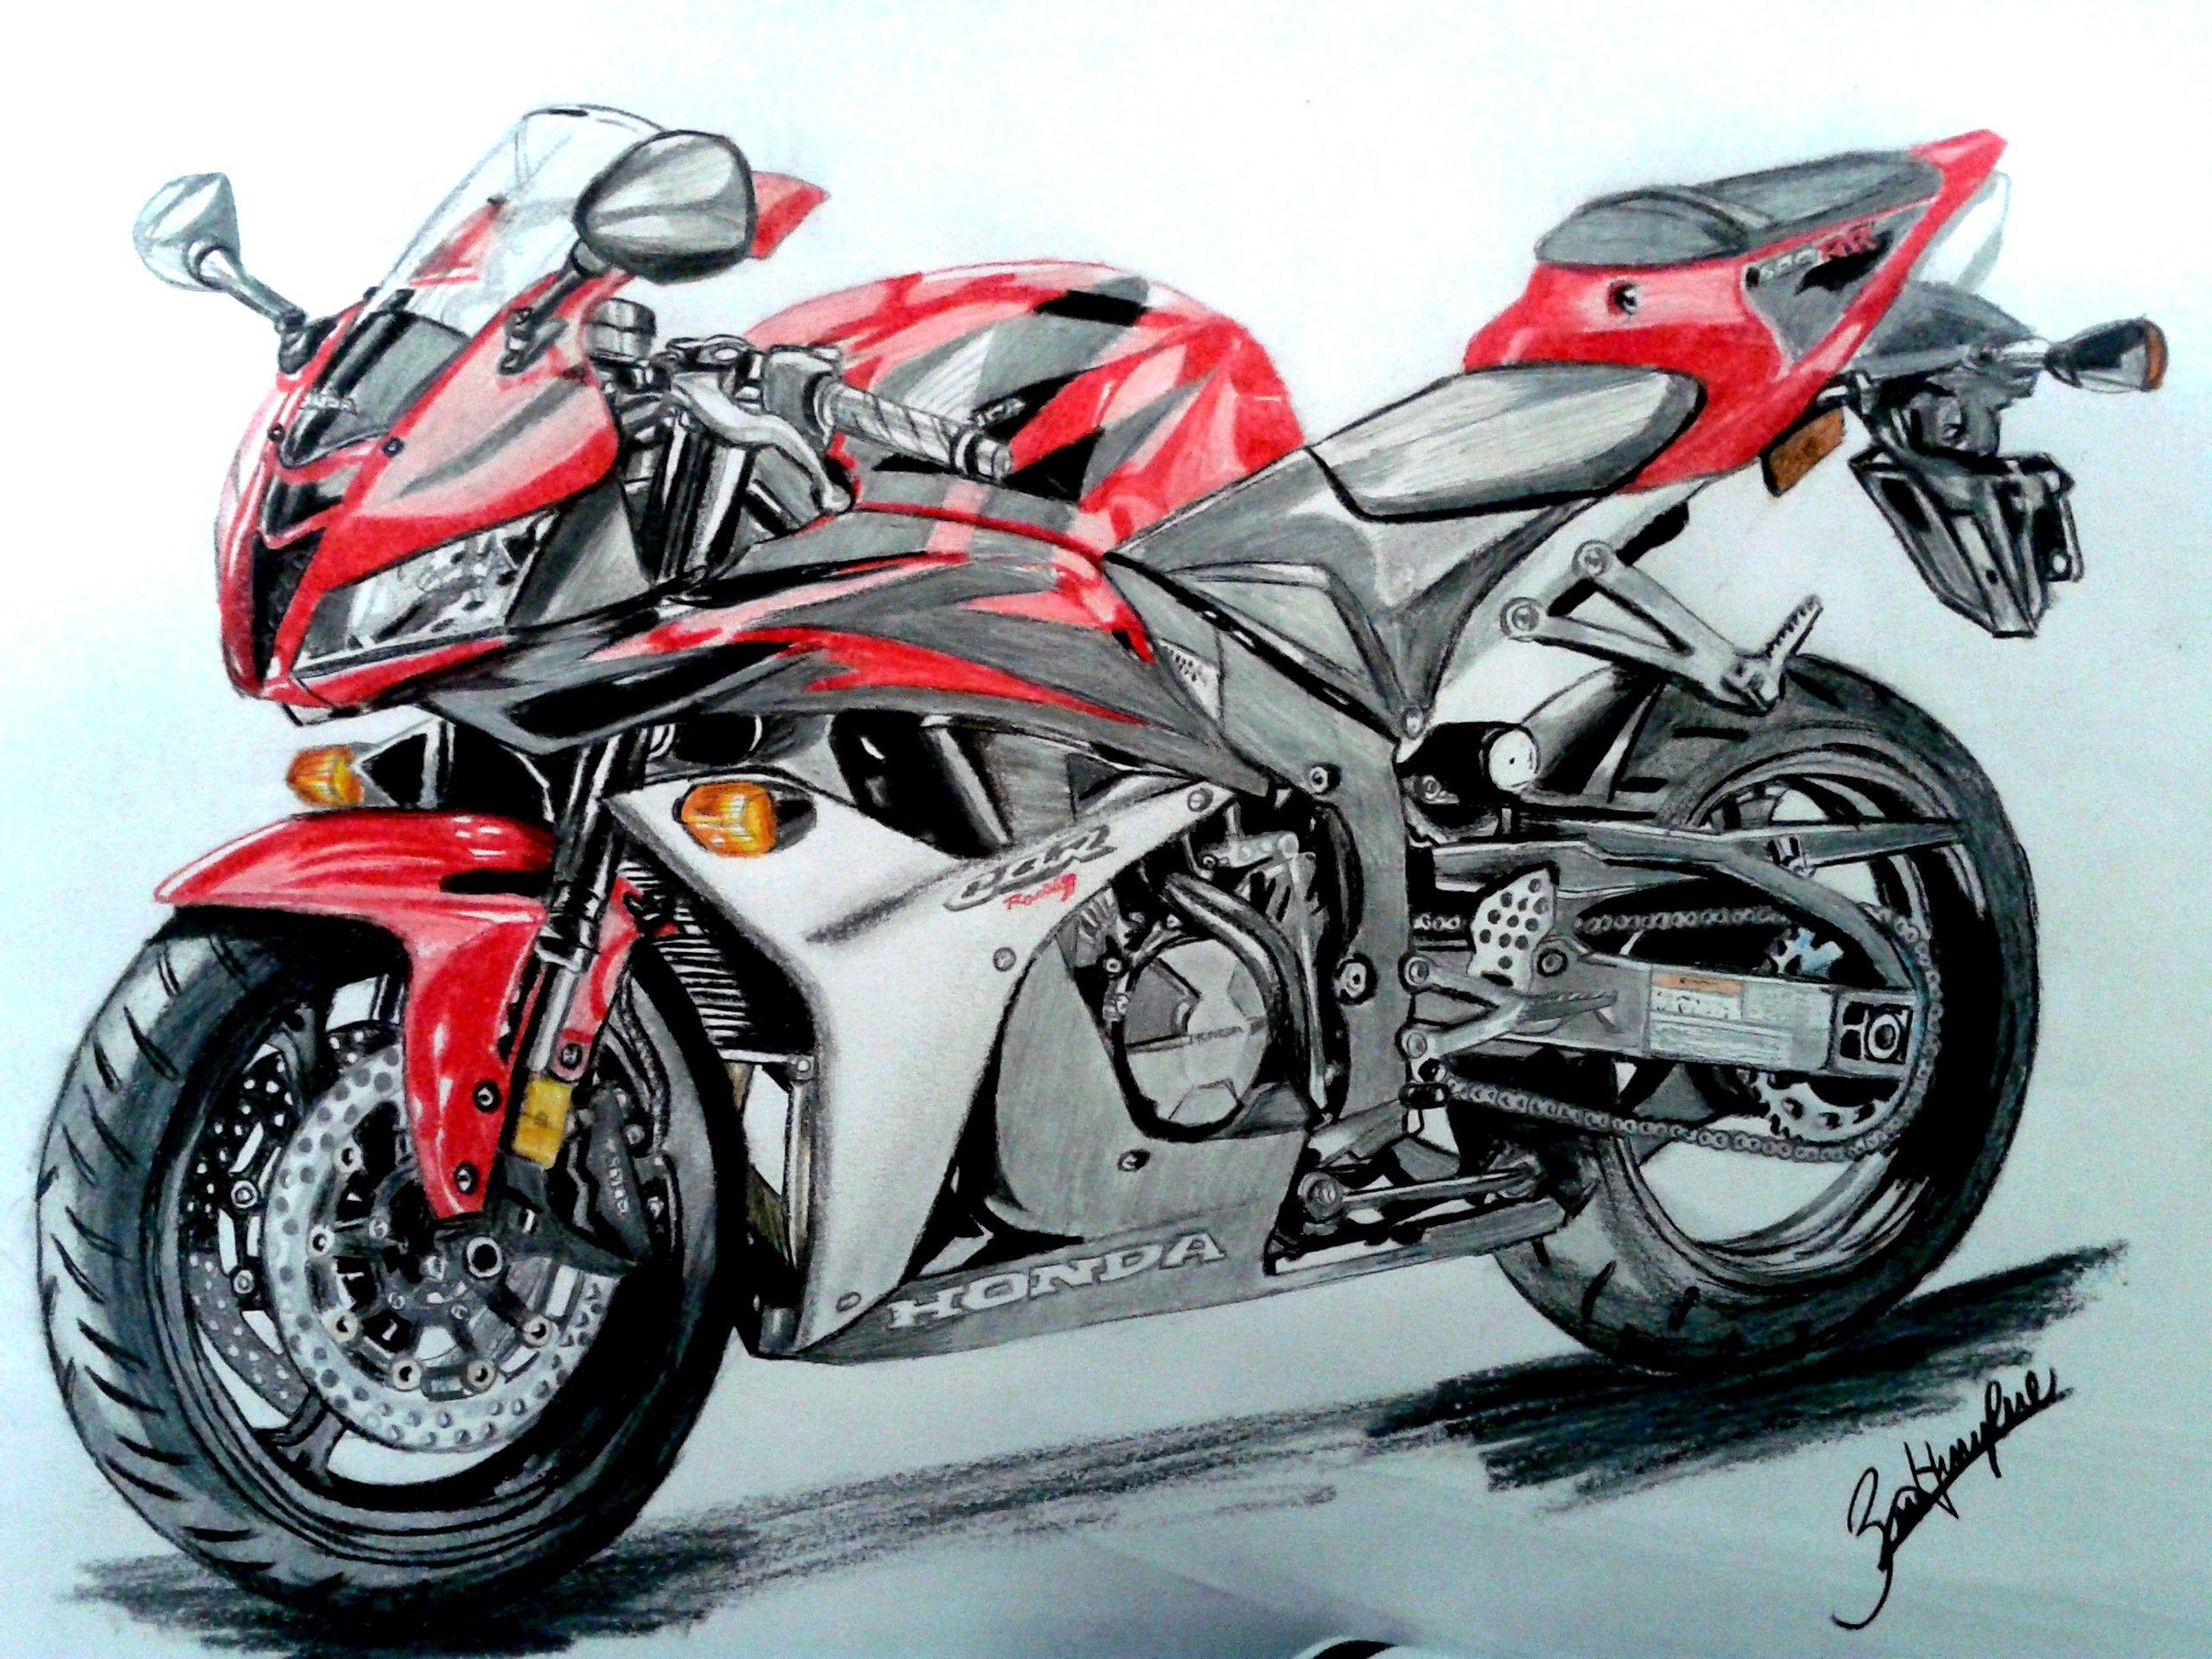 красный мотоцикл картинки рисунки вроде есть, сути